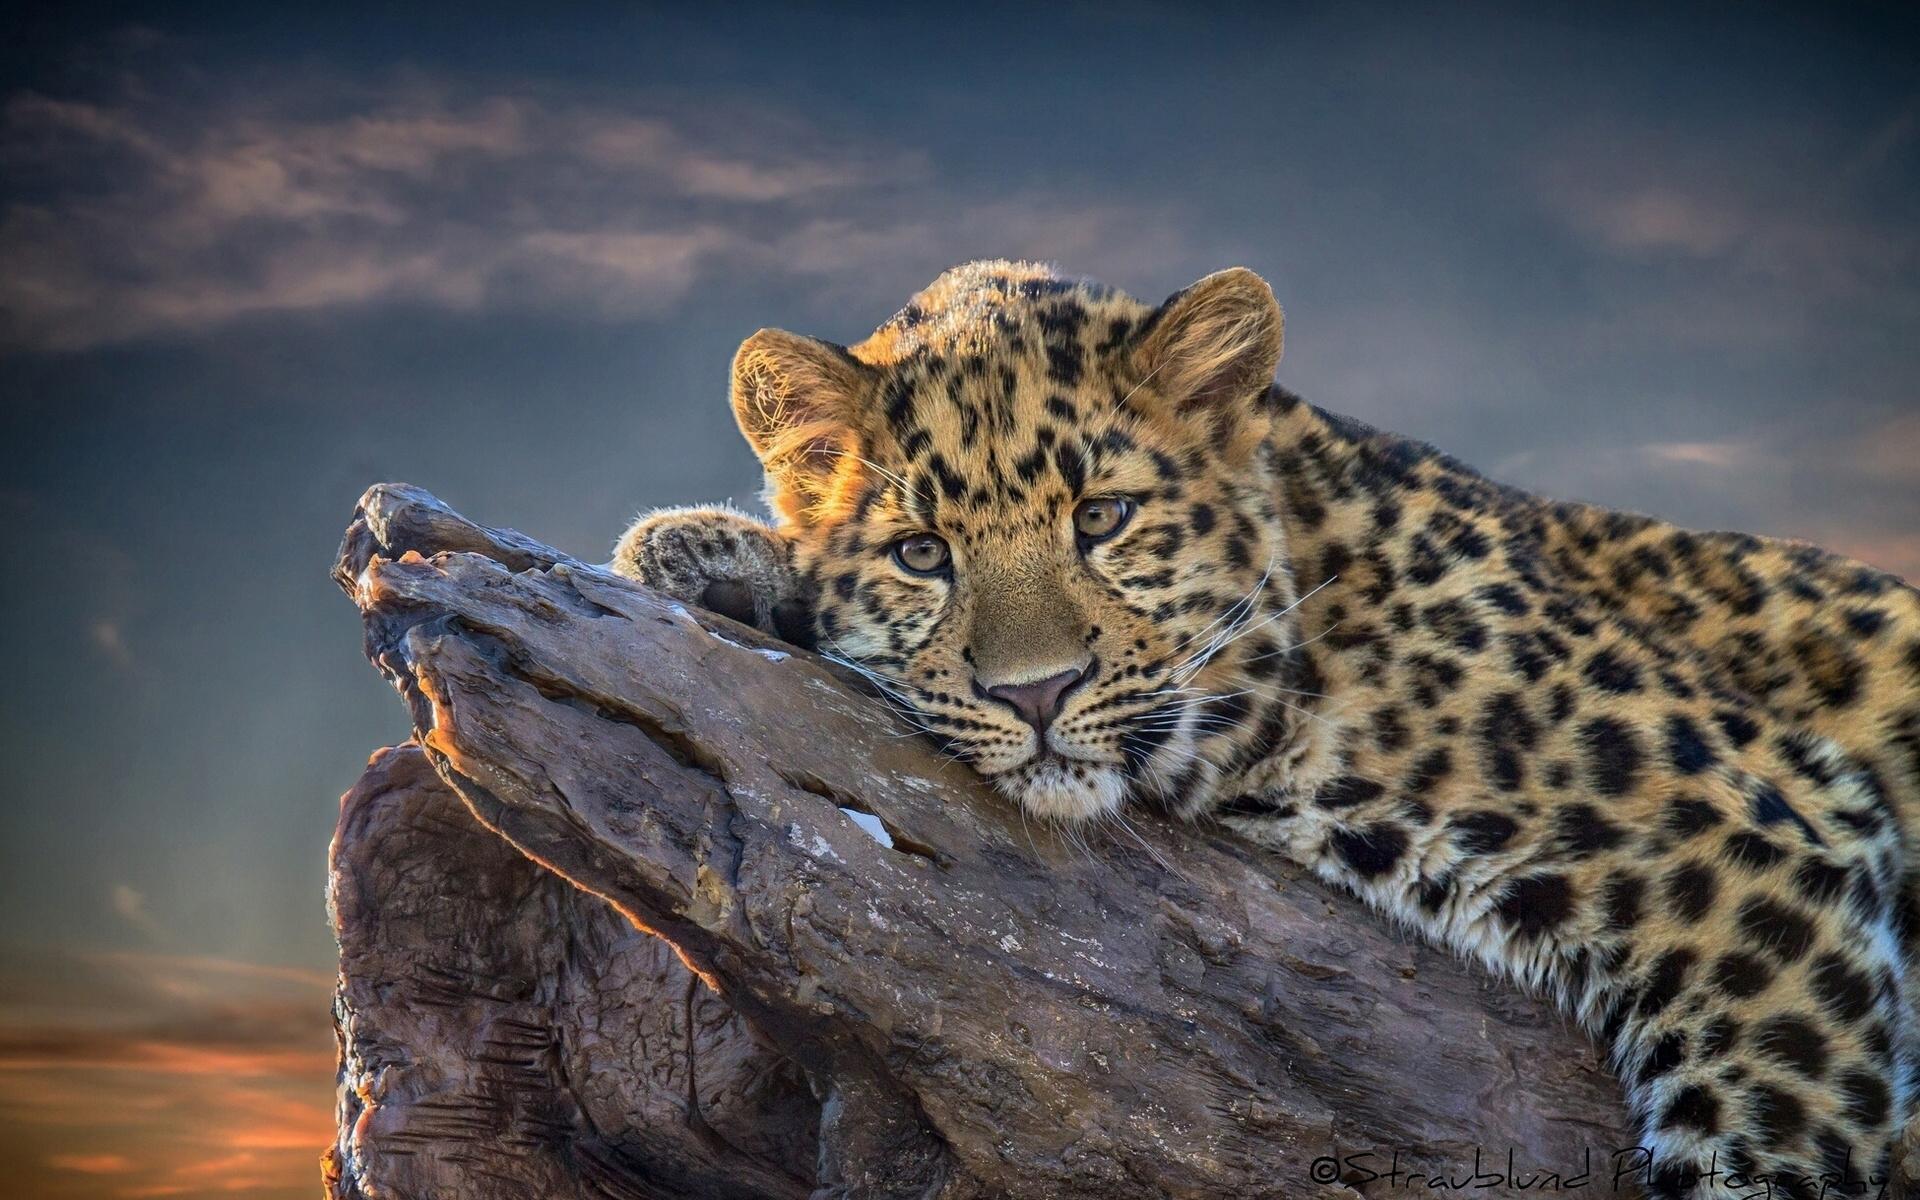 Cute Leopard Wallpaper For IPhone Wallpaper WallpaperLepi 1920x1200